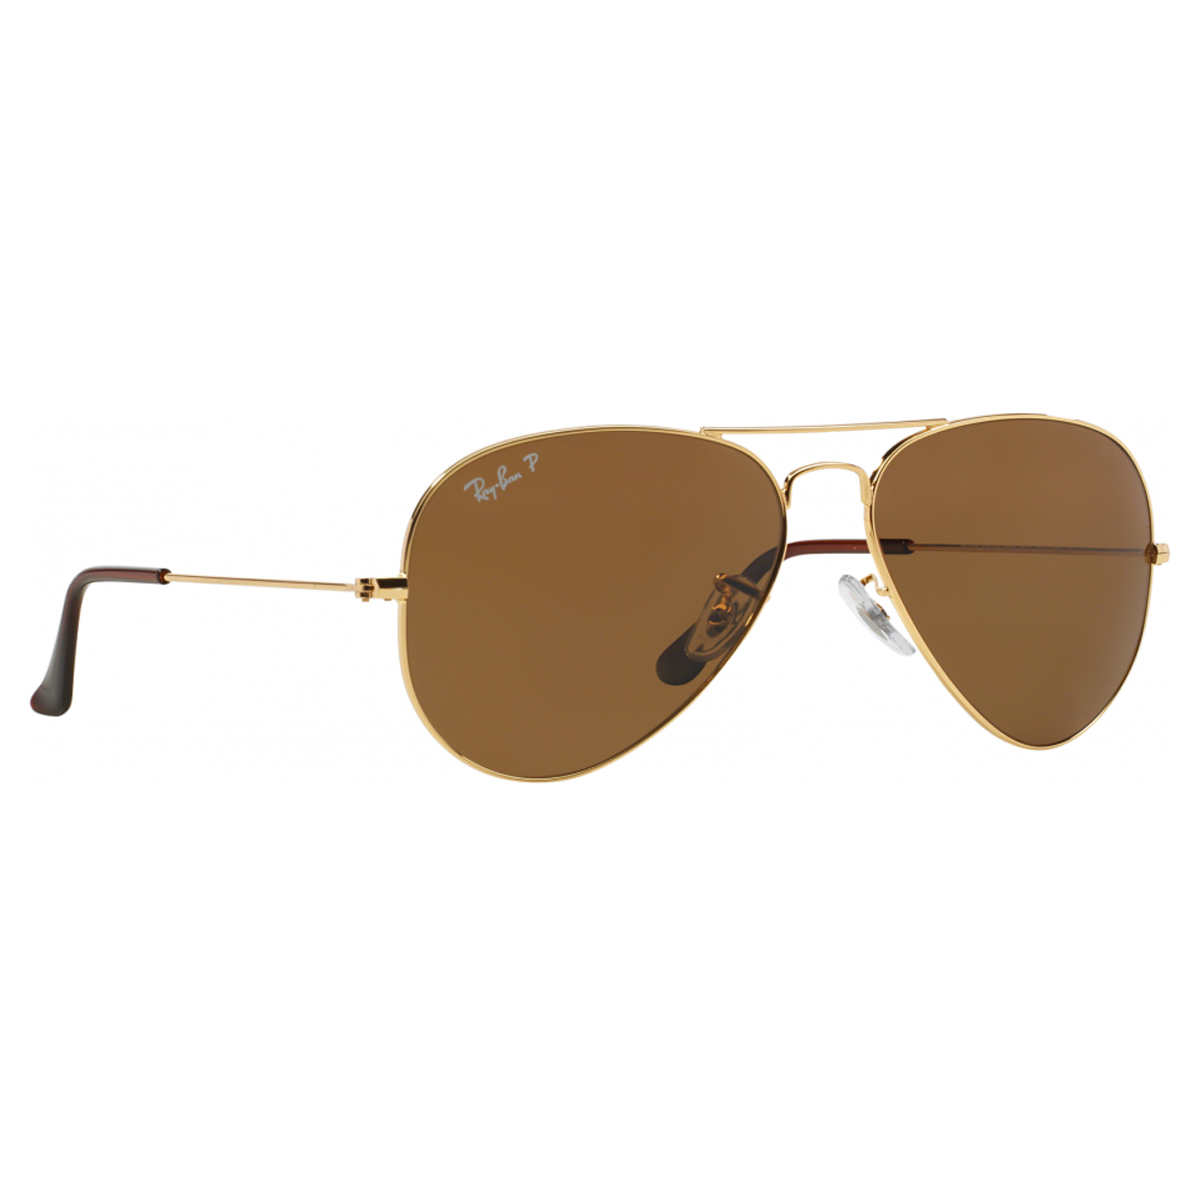 Lunettes de soleil Ray-Ban Aviator Classic RB3025-112 68 Doré miroir.  860.00 Dhs 1,800.00 Dhs. (0s). On Sale 7fe6c6ec836b